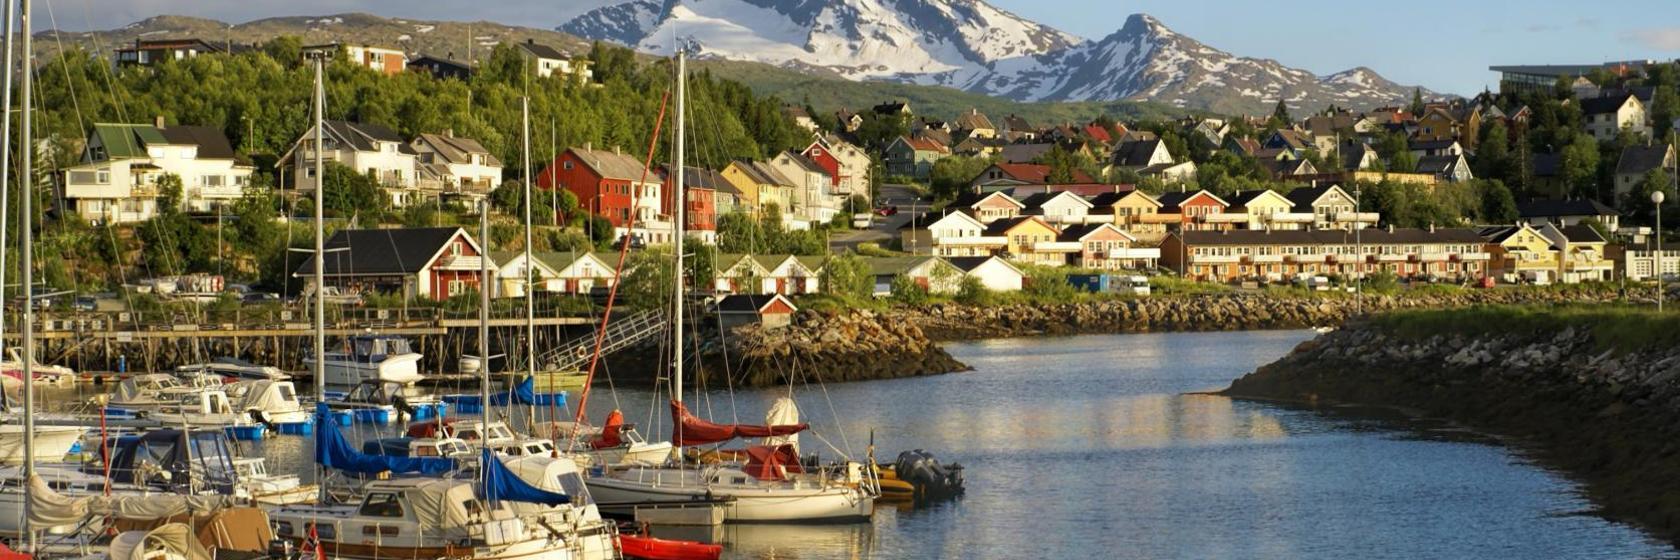 Narvik dating asiatisk dating i london gratis ensomme fitte fra borås på jakt etter sexy moro